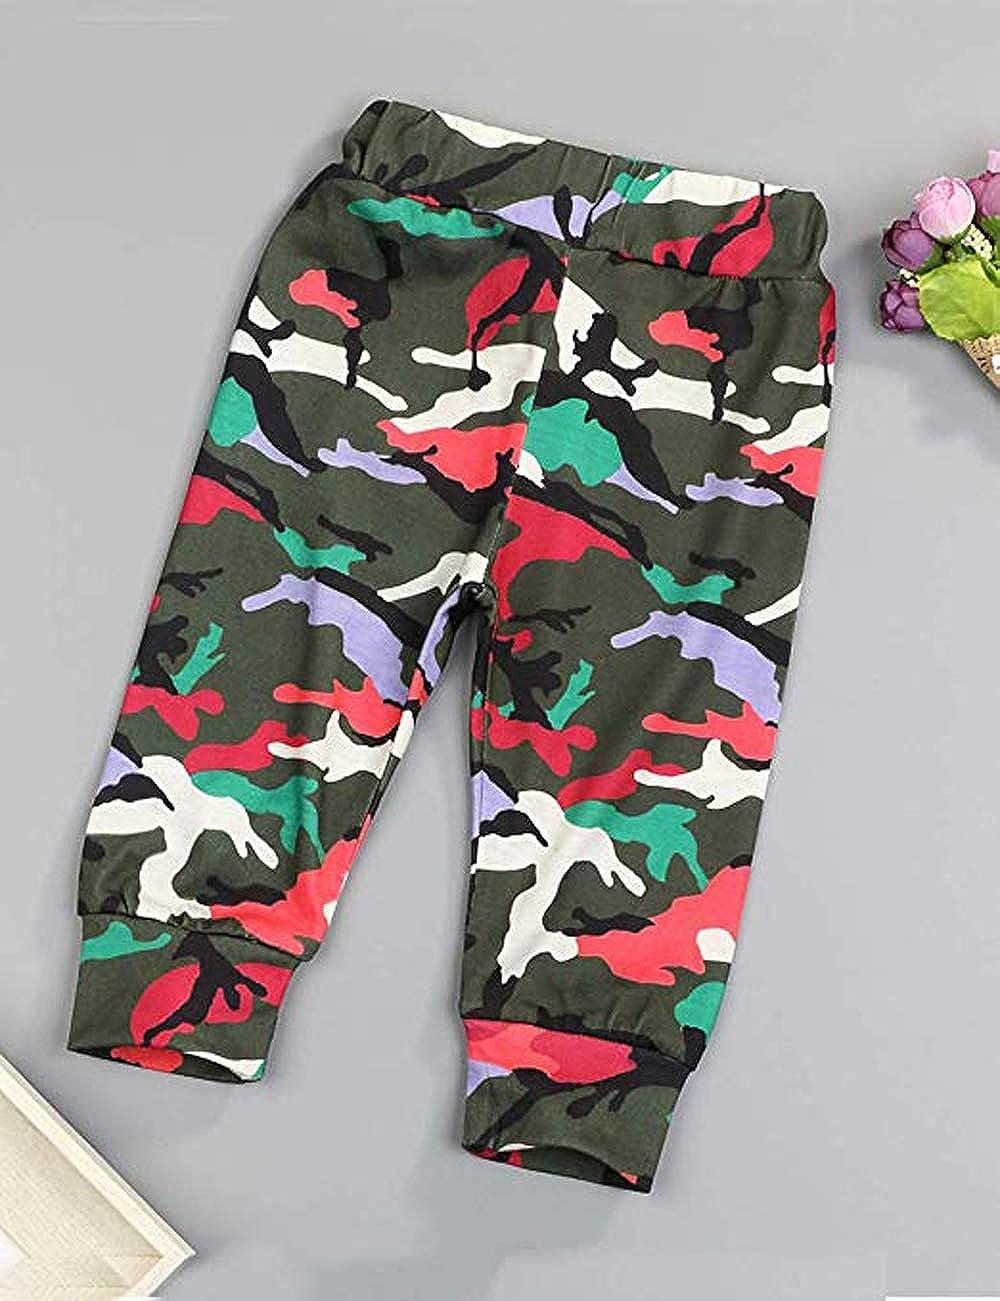 Xuefoo Conjunto de Ropa de Camuflaje para beb/é ni/ño Mameluco con Estampado de Letras para beb/és Sombrero para pantal/ón Conjunto de Traje de Mono reci/én Nacido